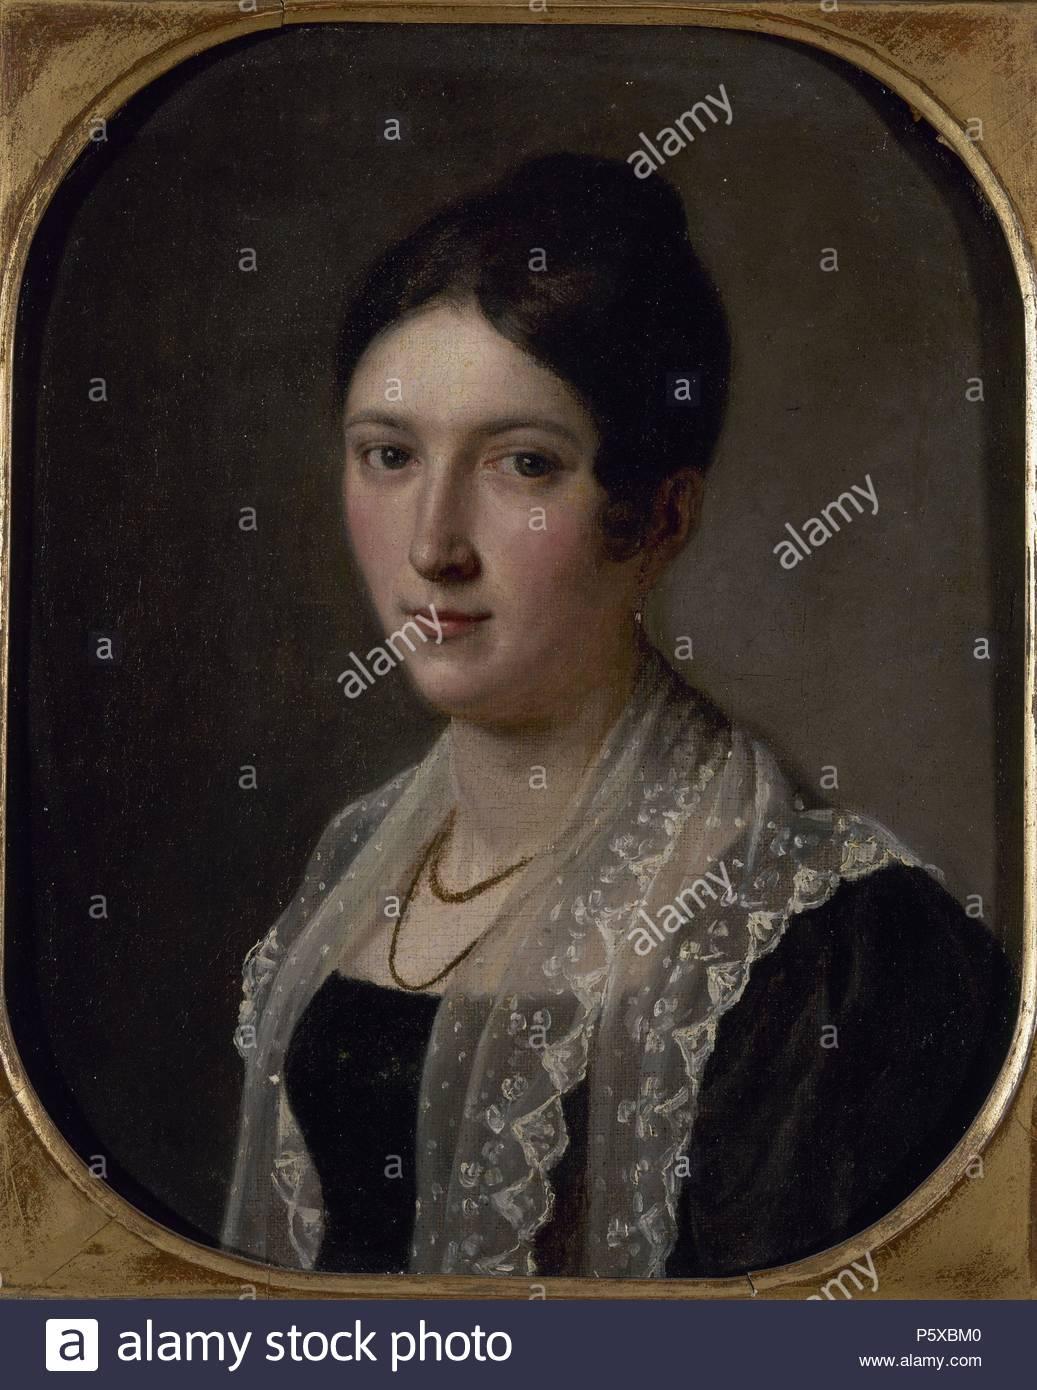 RETRATO FEMENINO - siglo XIX - ROMANTICISMO ESPAÑOL. Posizione: Collezione privata. Immagini Stock